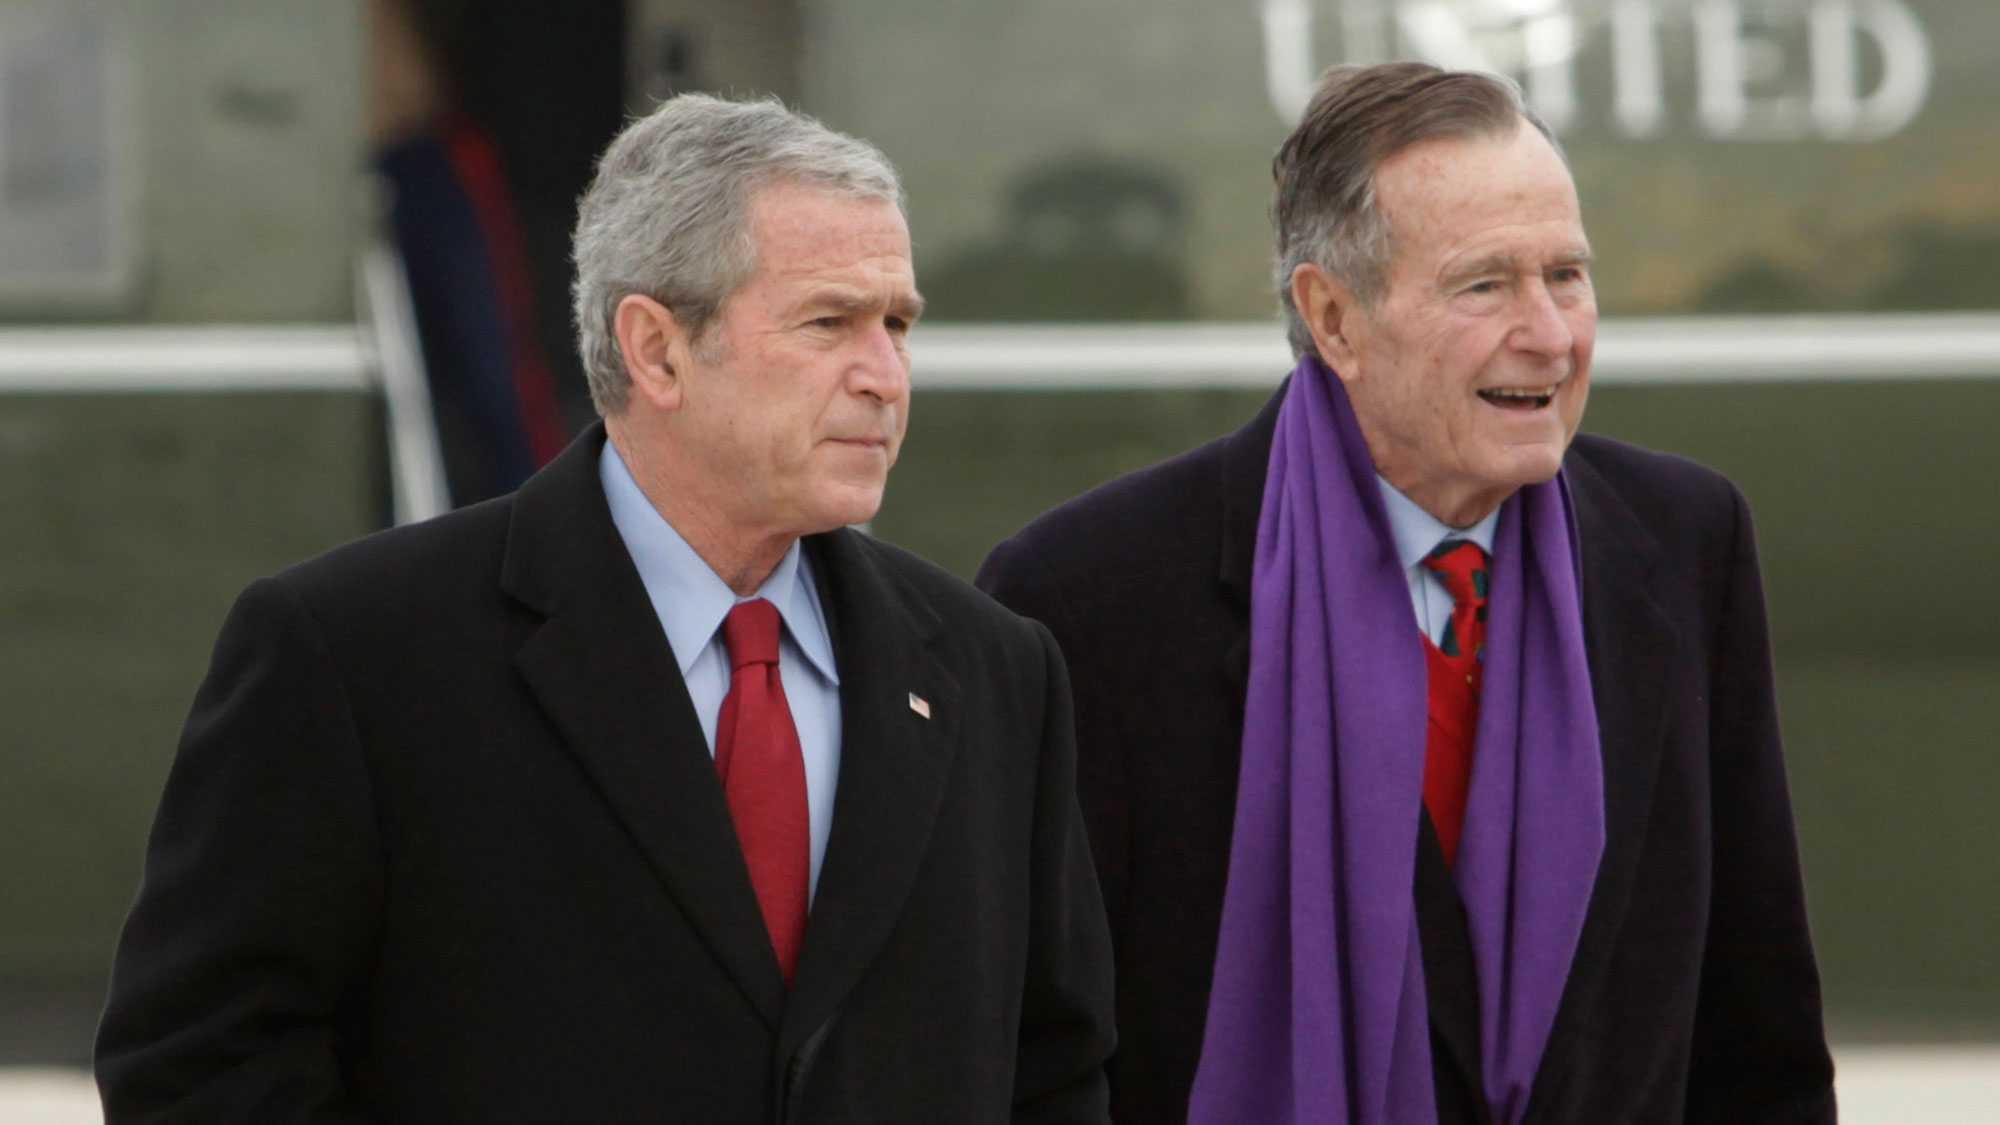 Former Presidents George H.W. Bush and George W. Bush